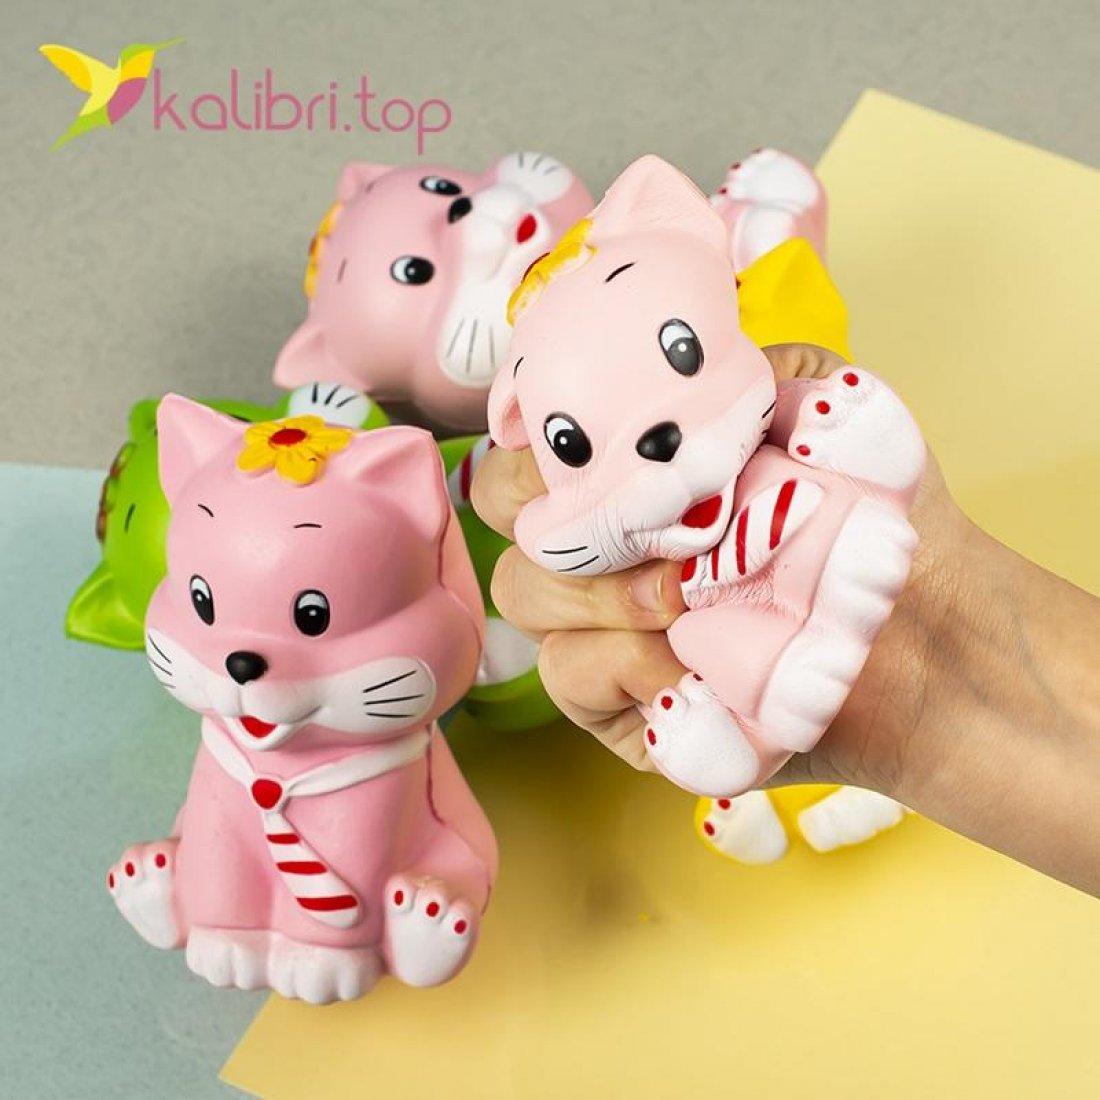 Детская игрушка сквиш Котик оптом фото 633